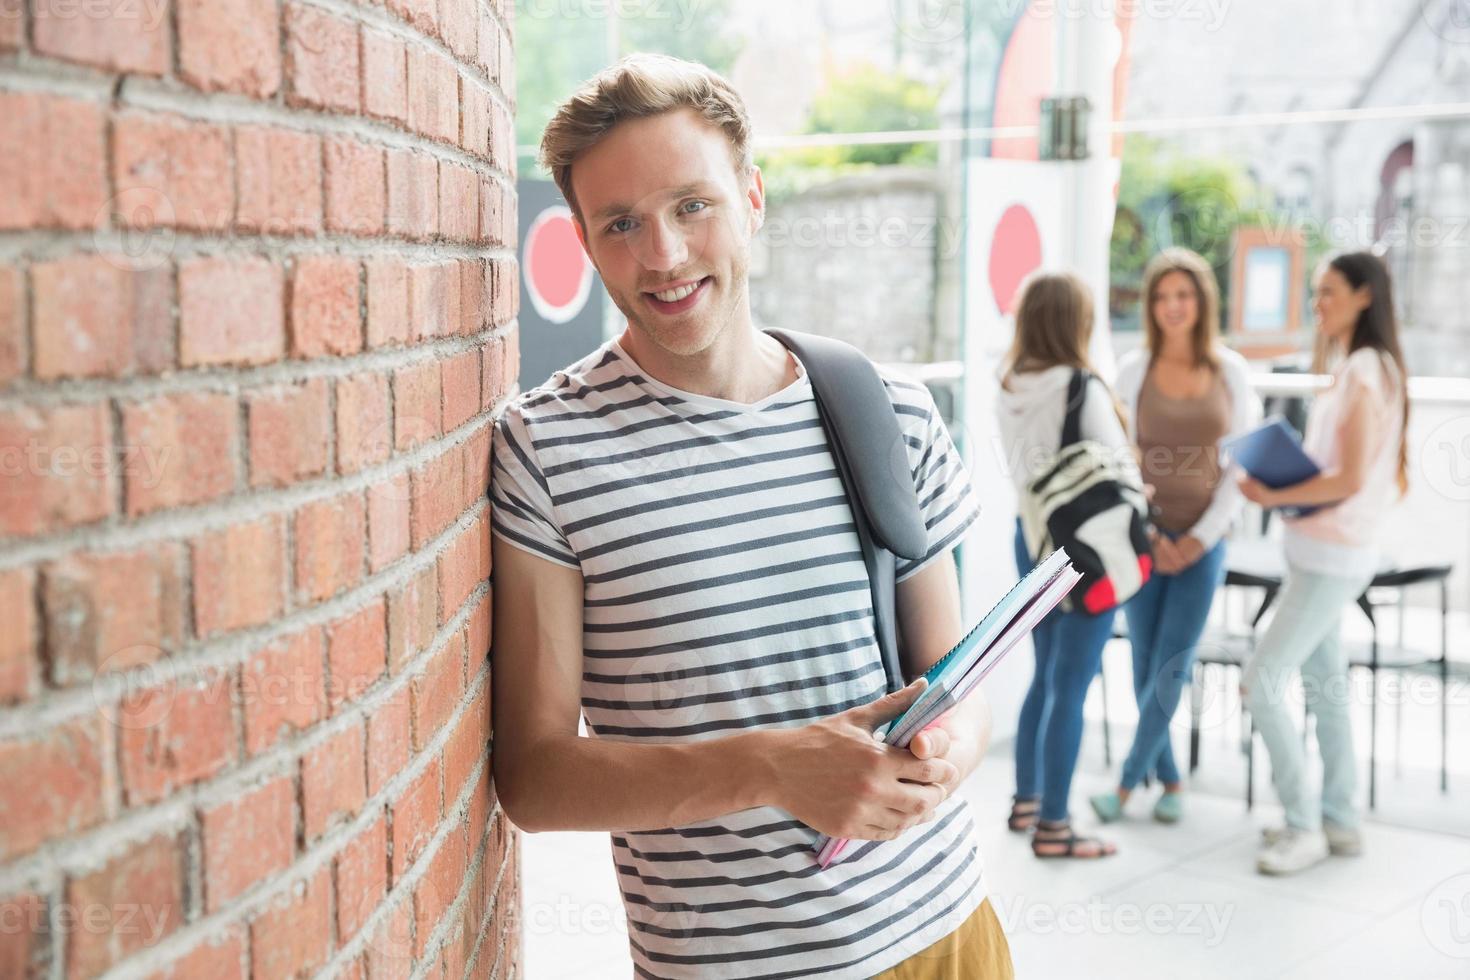 hübscher Student, der lächelt und Notizblöcke hält foto